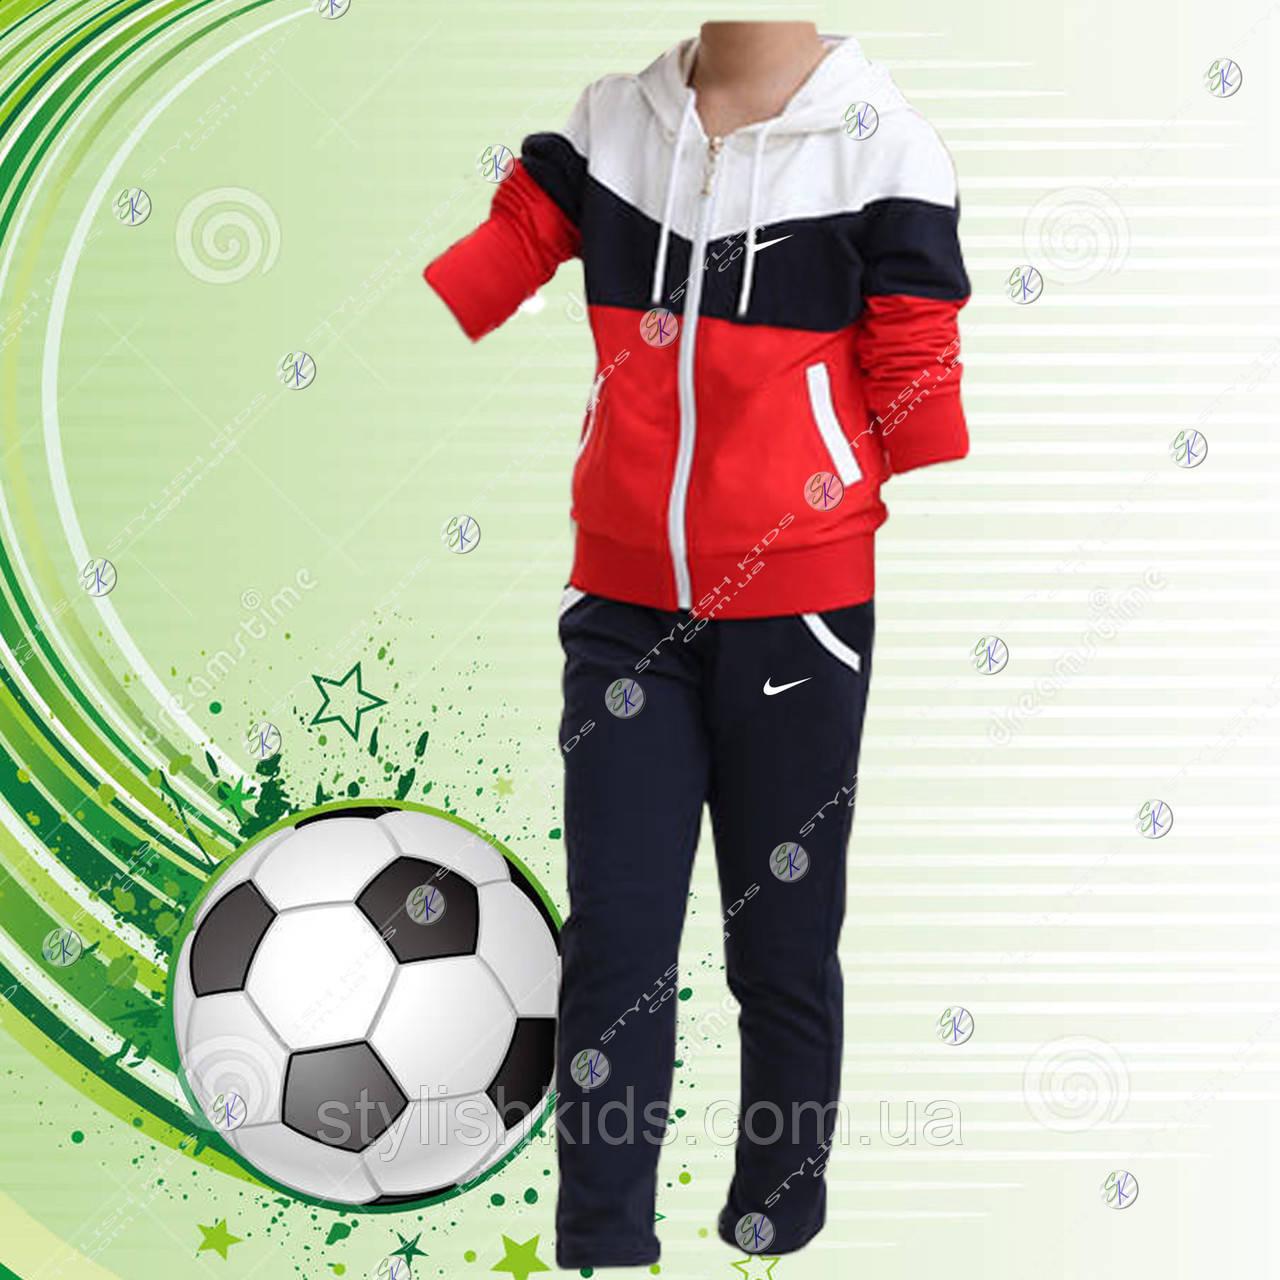 5fd92984c24220 Подростковый спортивный костюм Найк в интернет магазине.спортивный костюм  для подростка мальчика 134р-164р